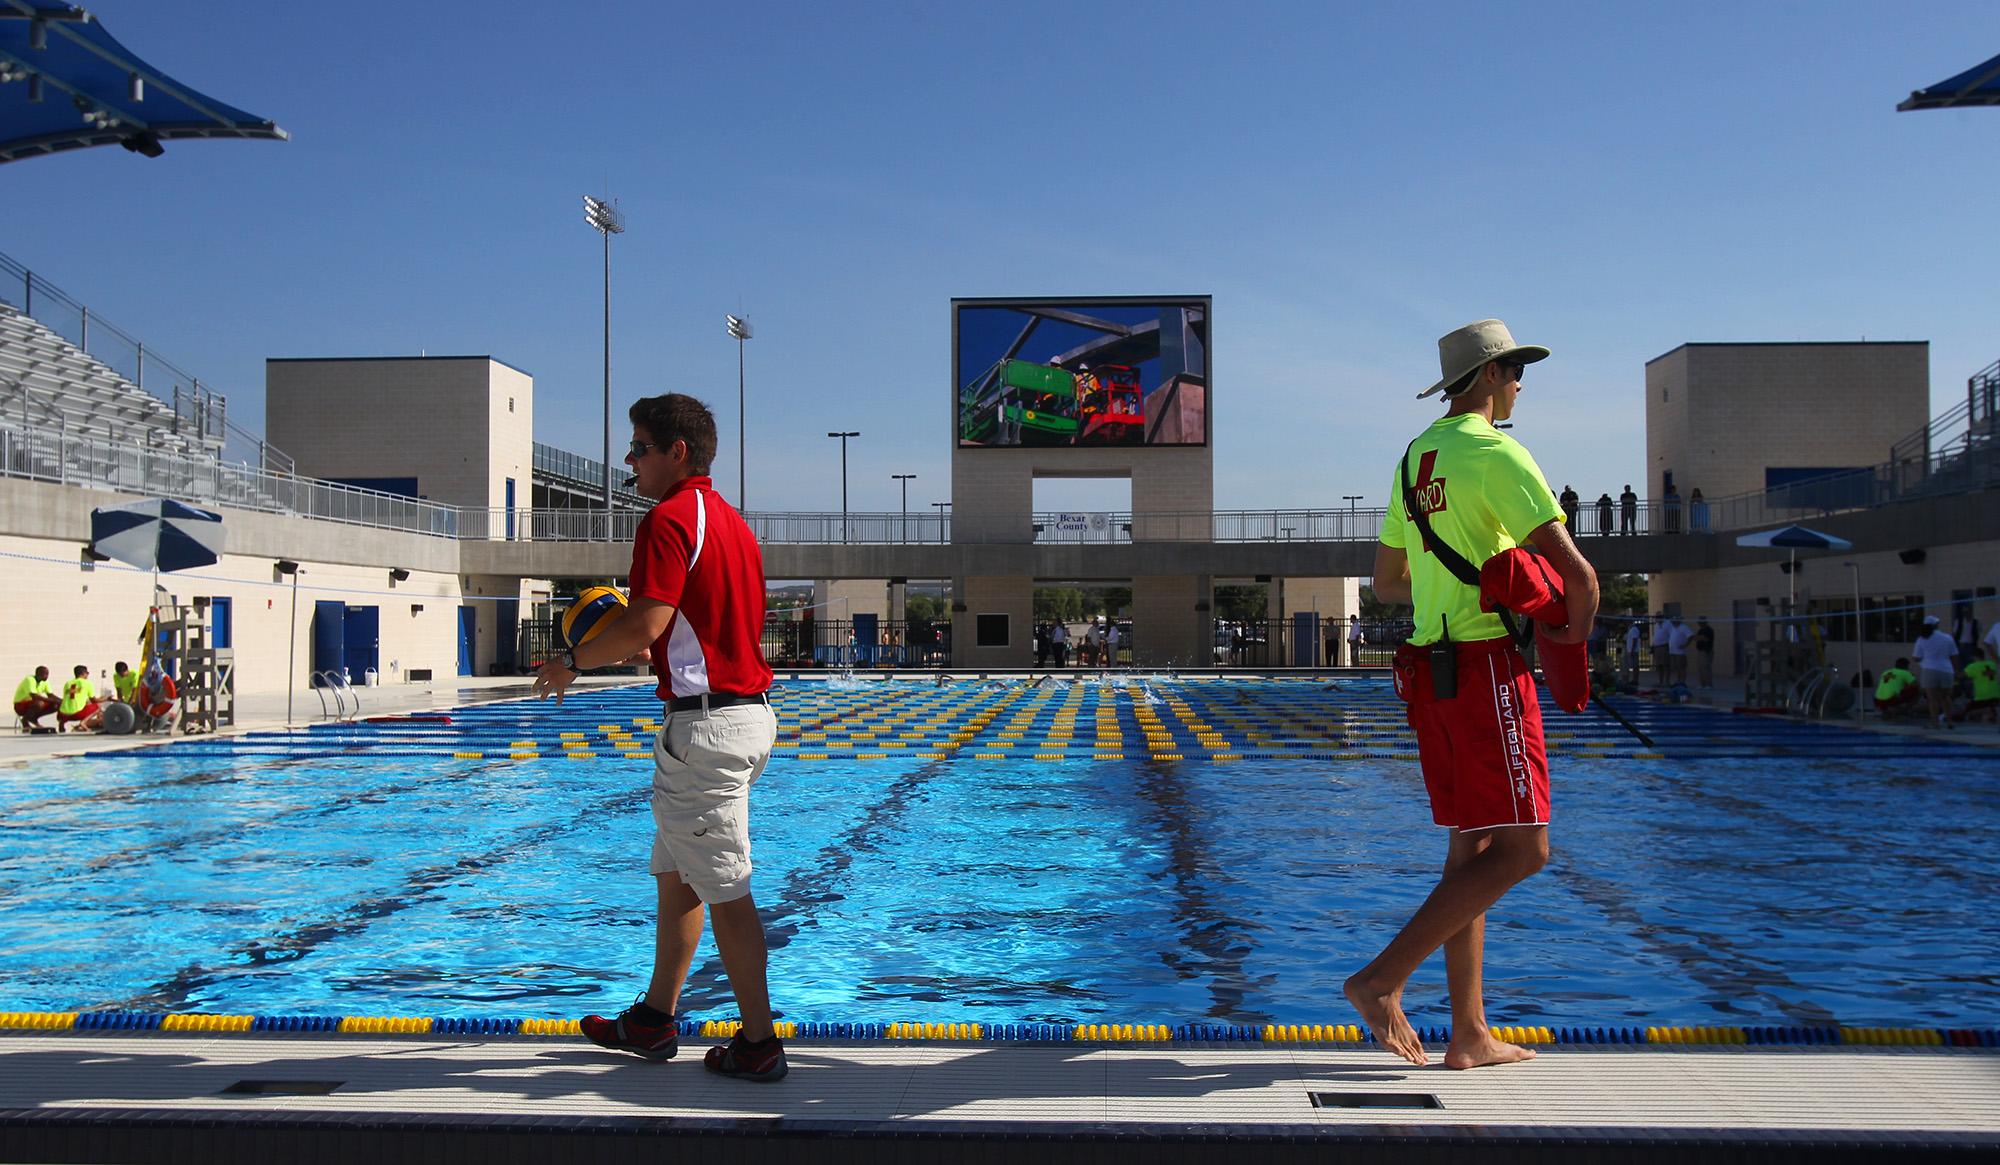 Nisd Bexar County Open Aquatic Center San Antonio